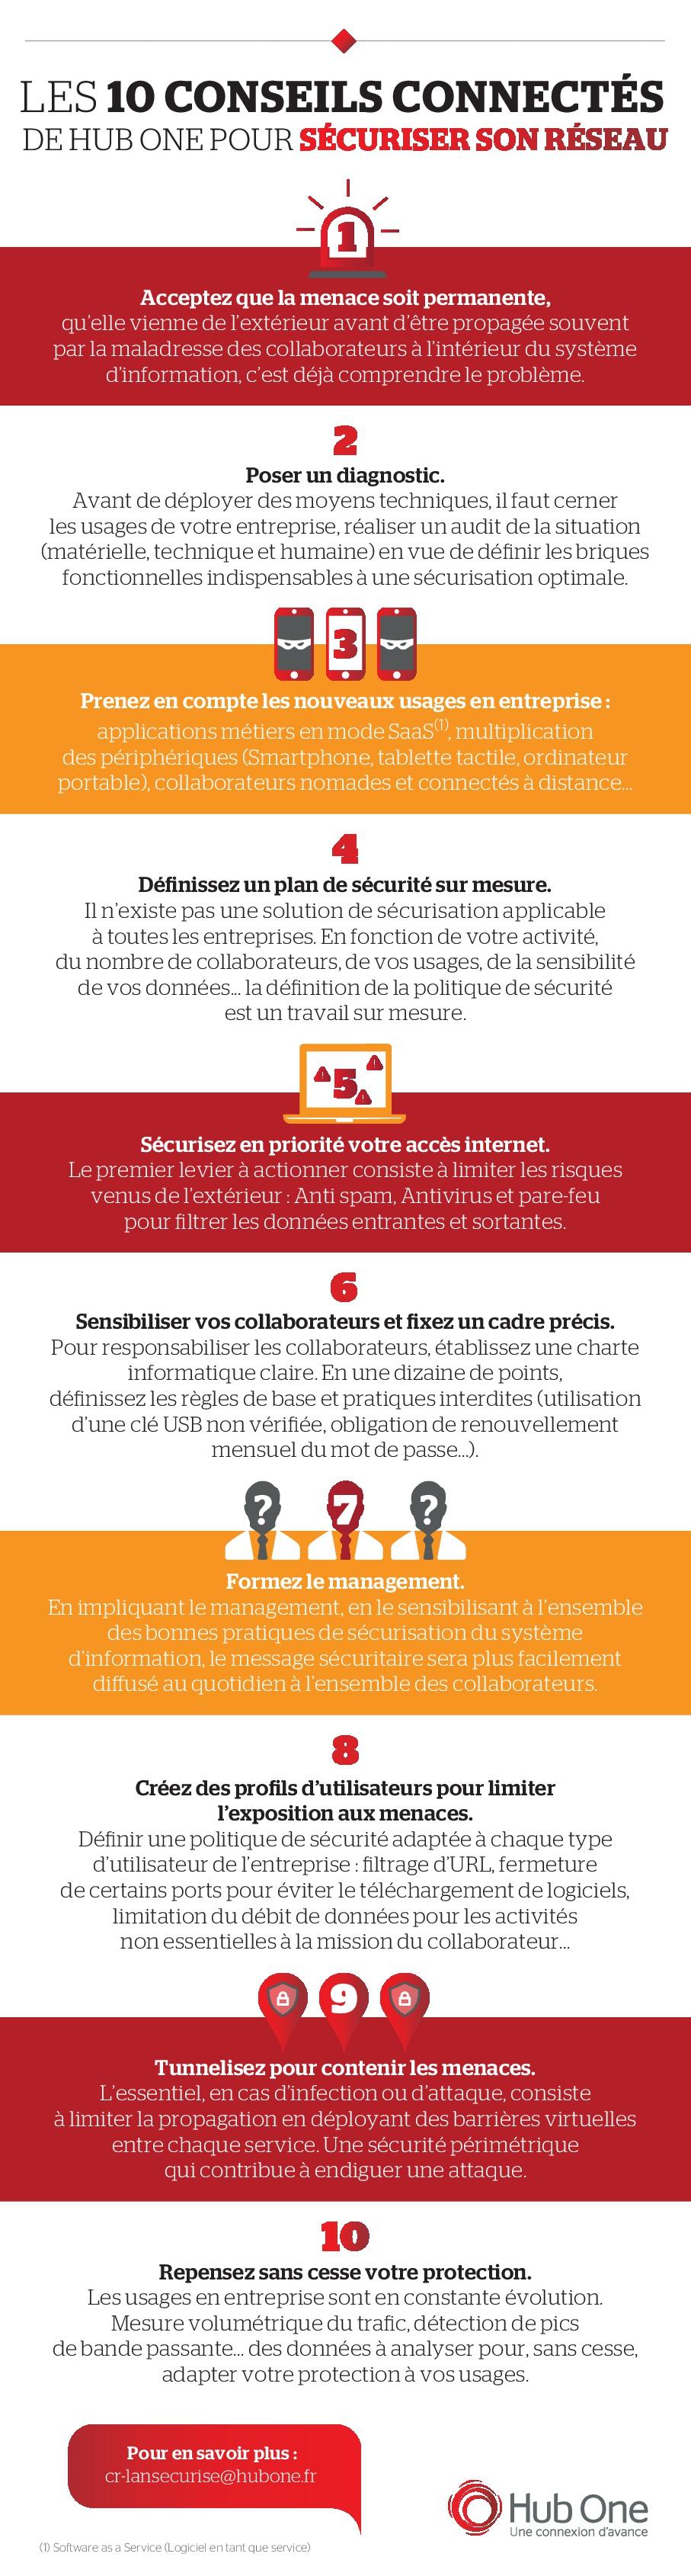 Infographie Hub One_10 conseils pour sécuriser son réseau-001